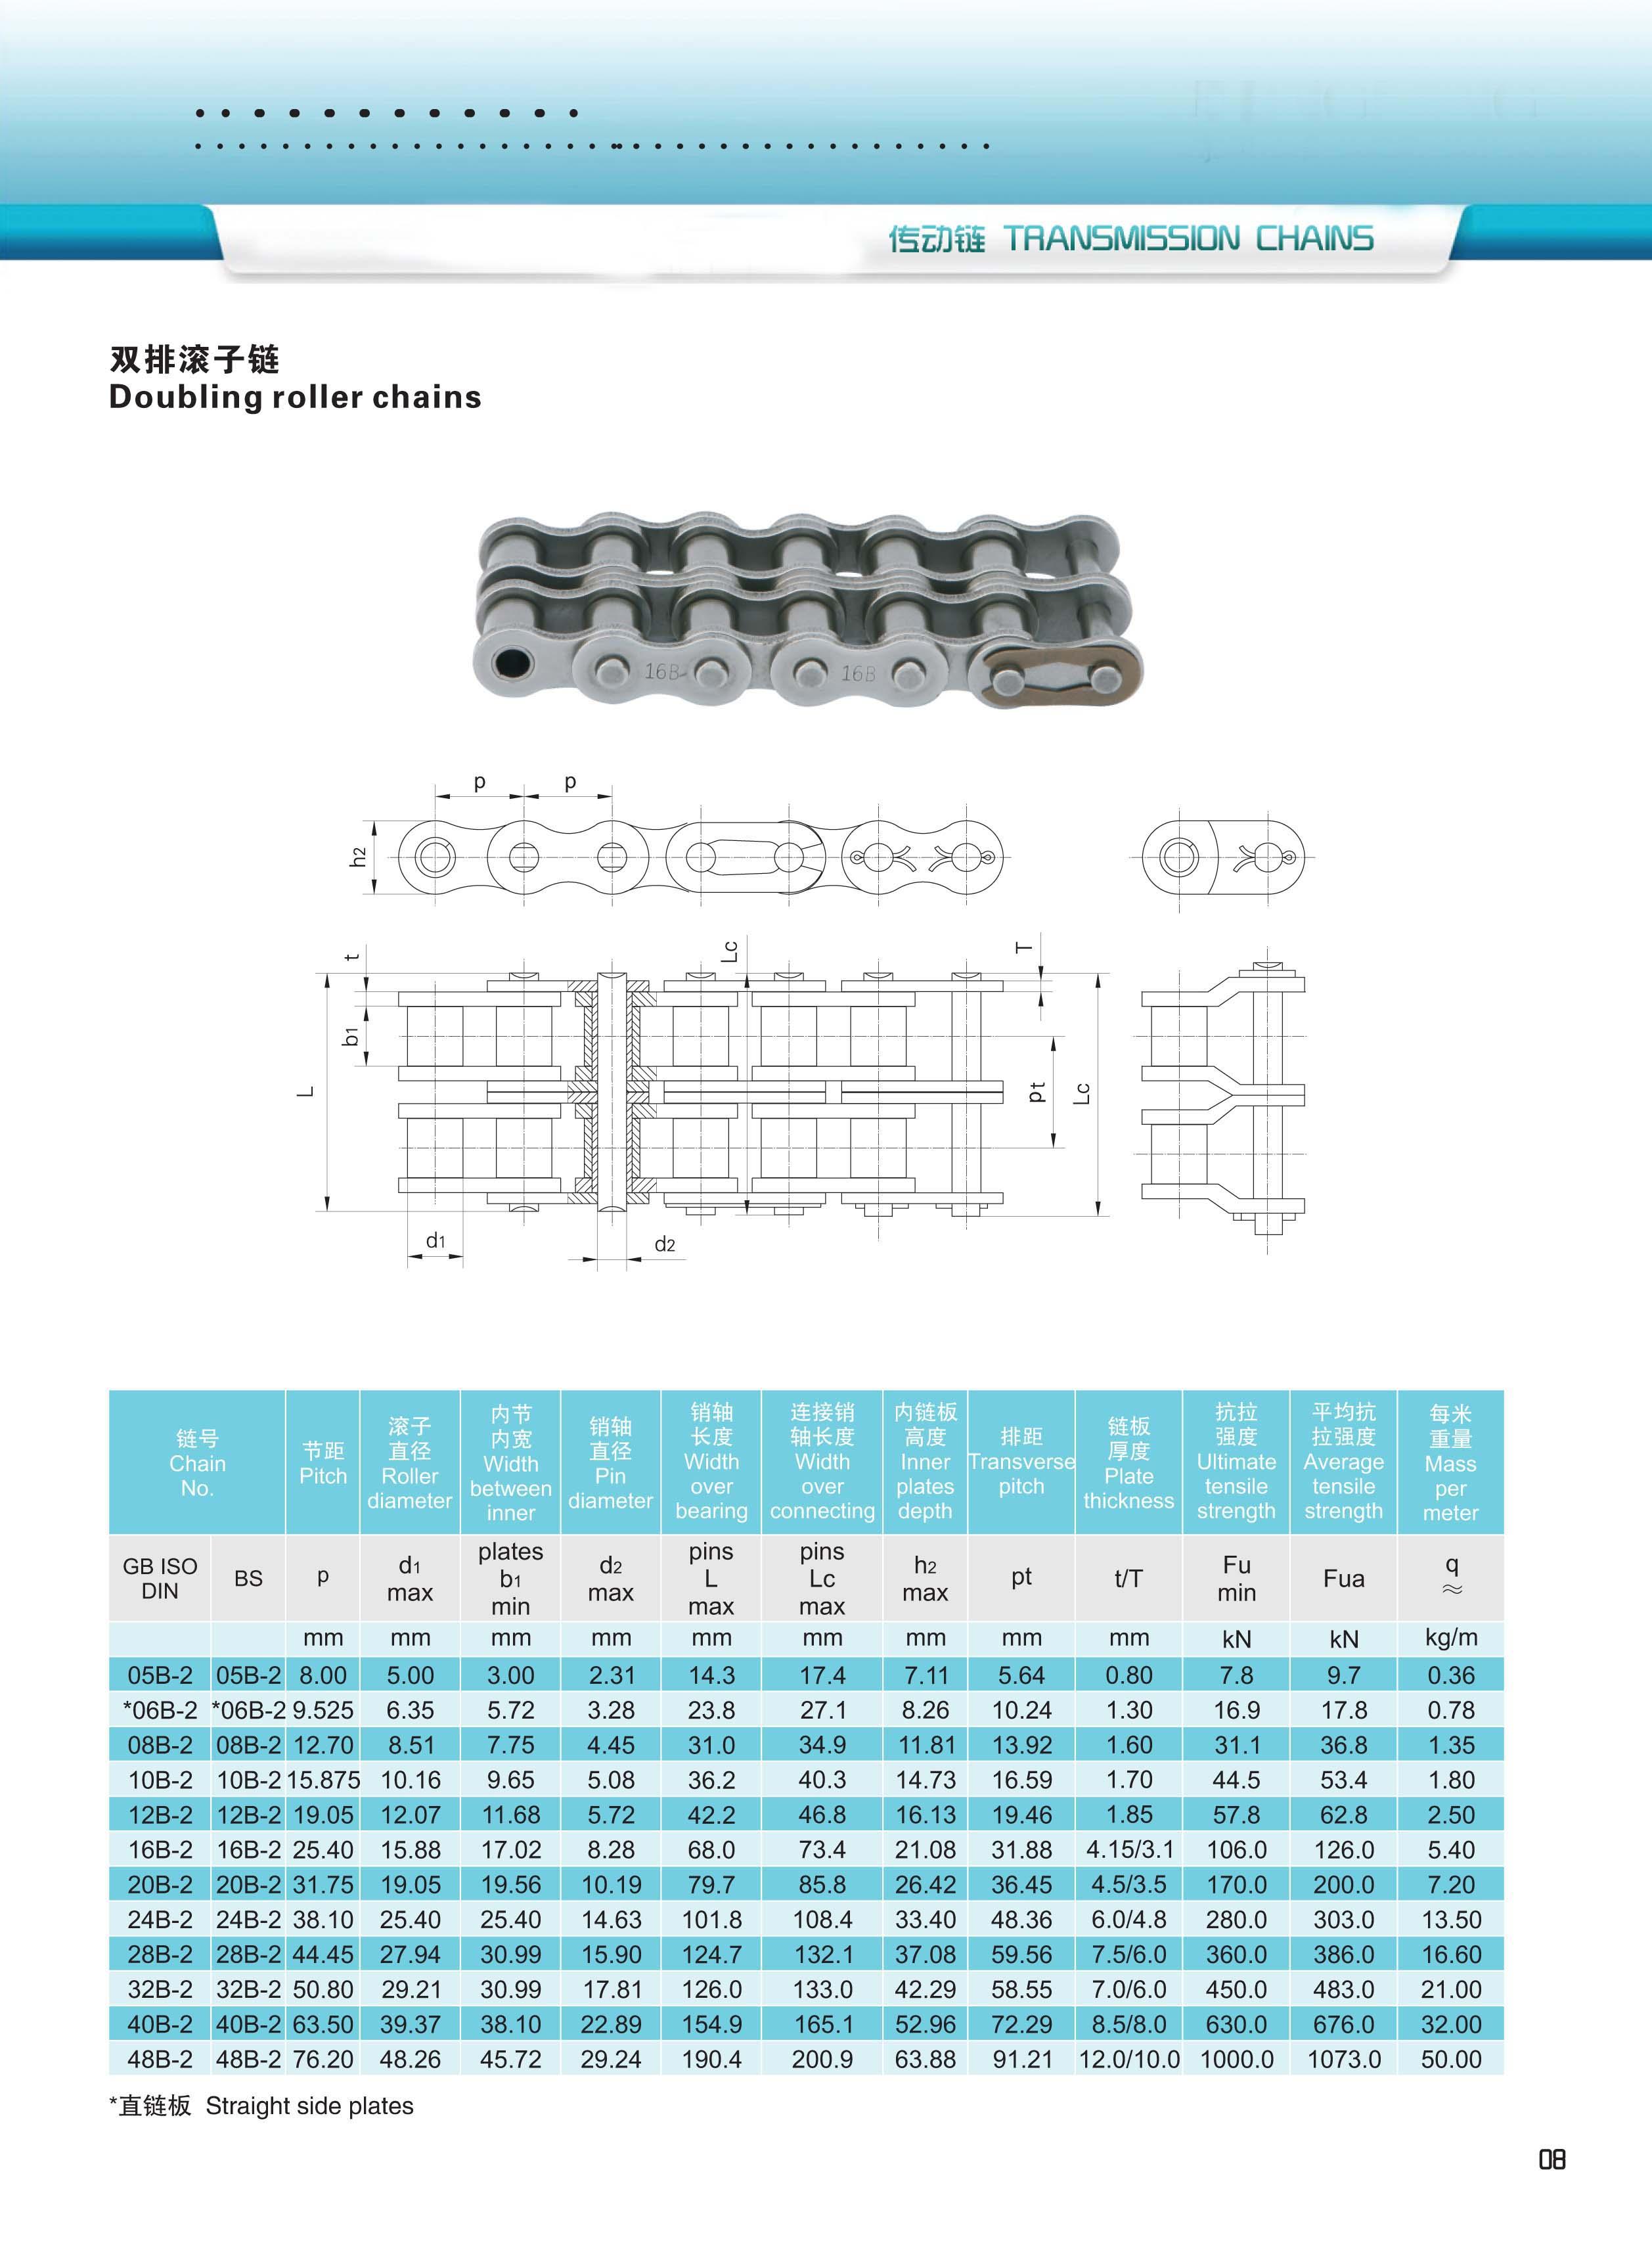 产品上传-8-AB型标准链条-XINYUCHAIN-14